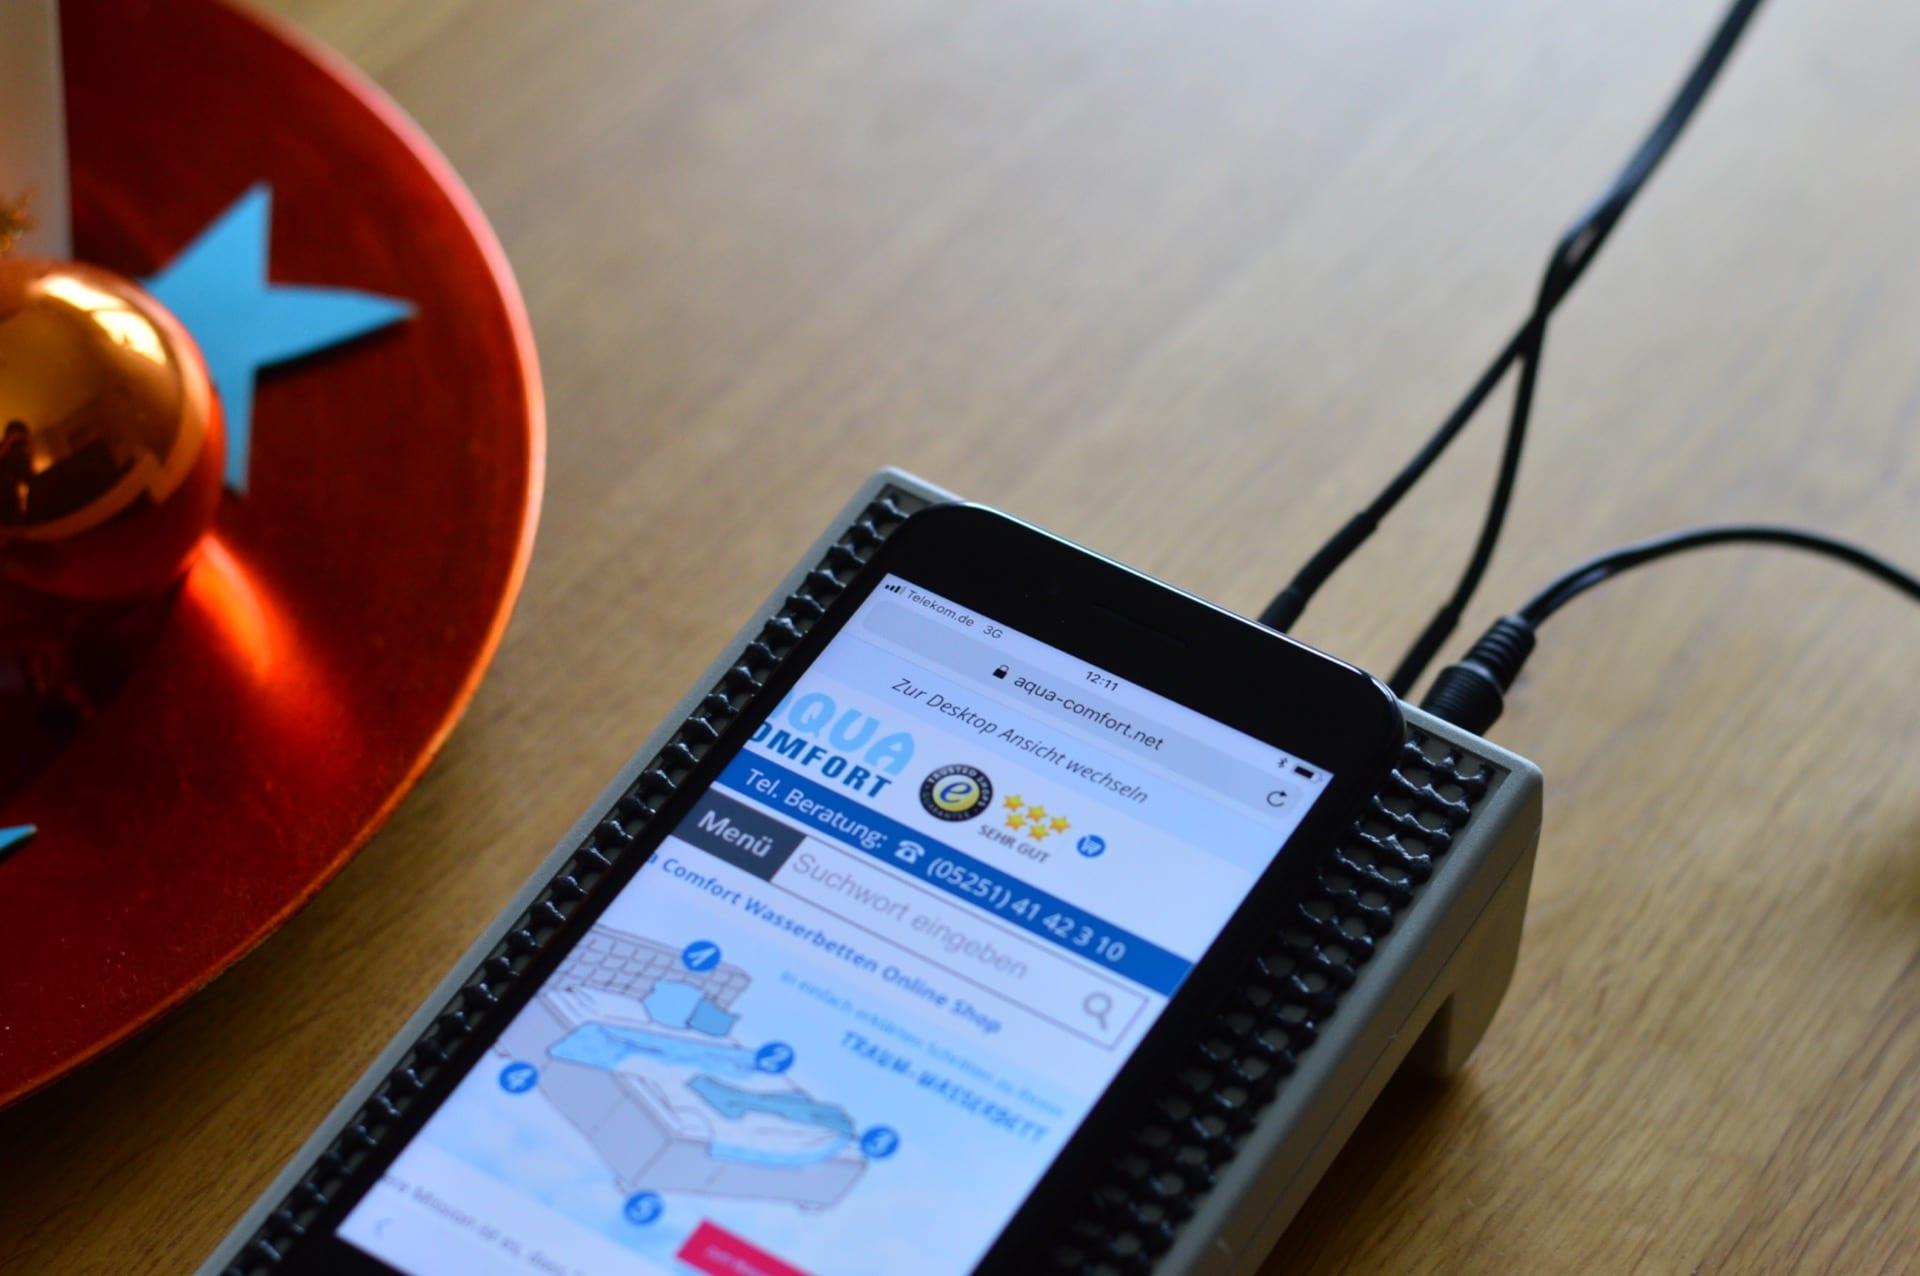 iPhone LTE Empfang im Haus (EG) mit aktivem LTE Koppler und einer Fensterantenne